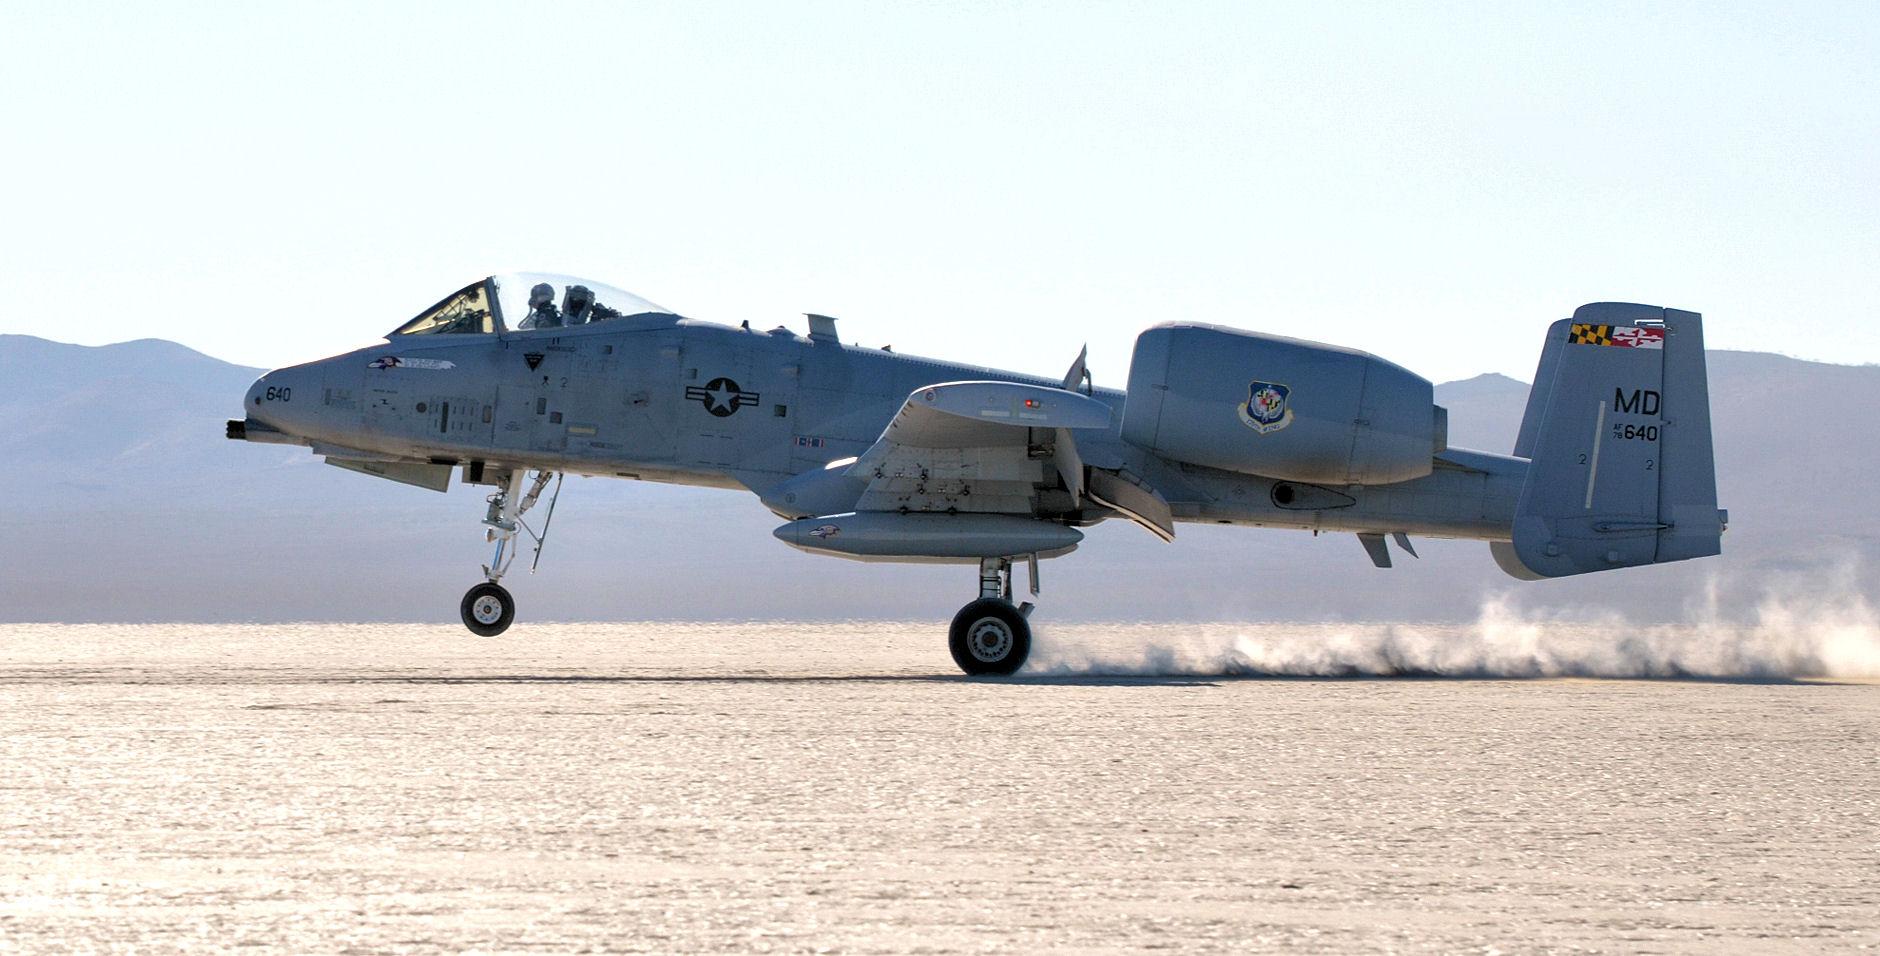 833rd aero squadron - 833rd Aero Squadron 53